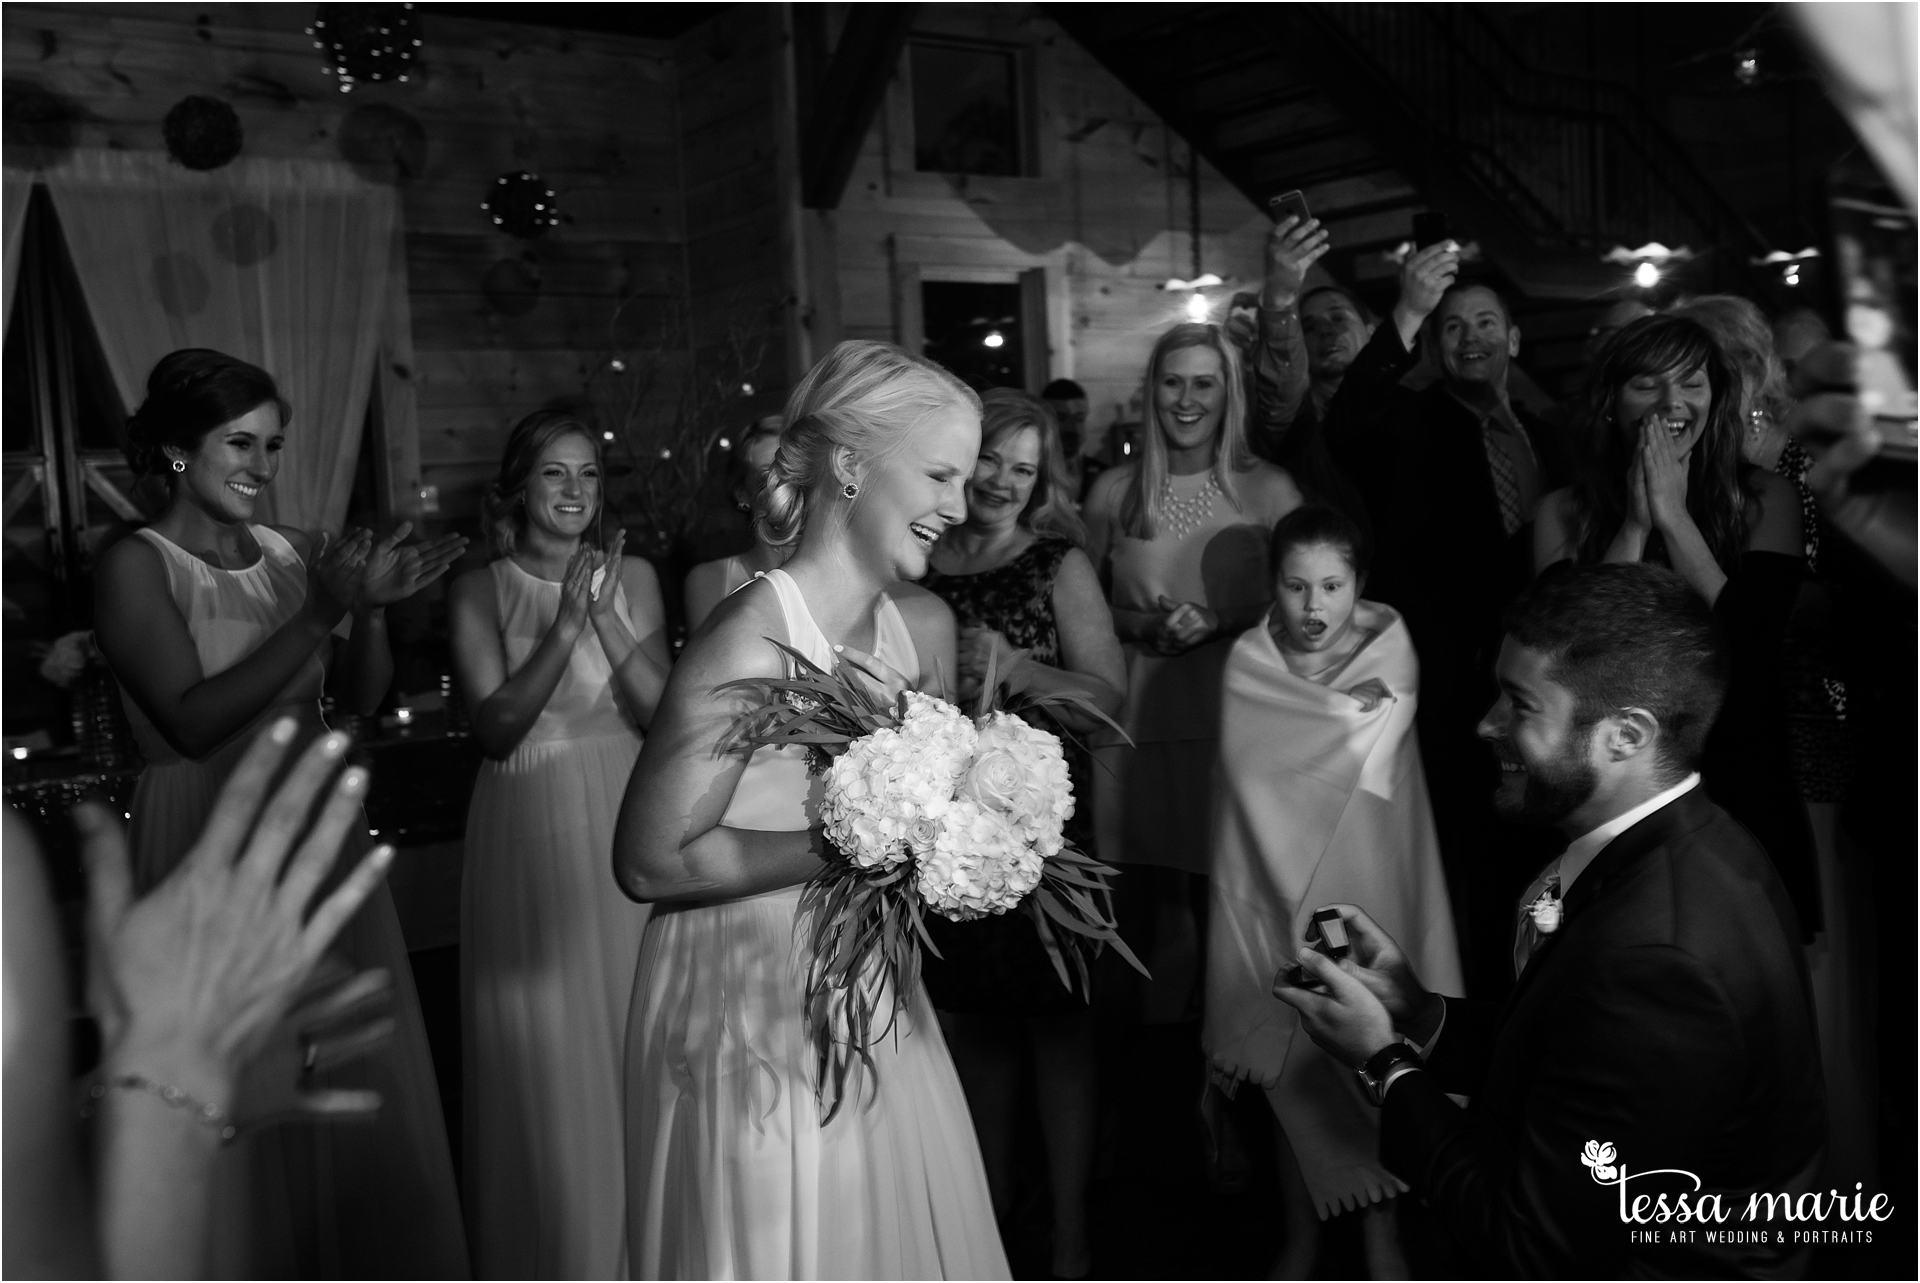 032216_brittany_kevin_wedding-176